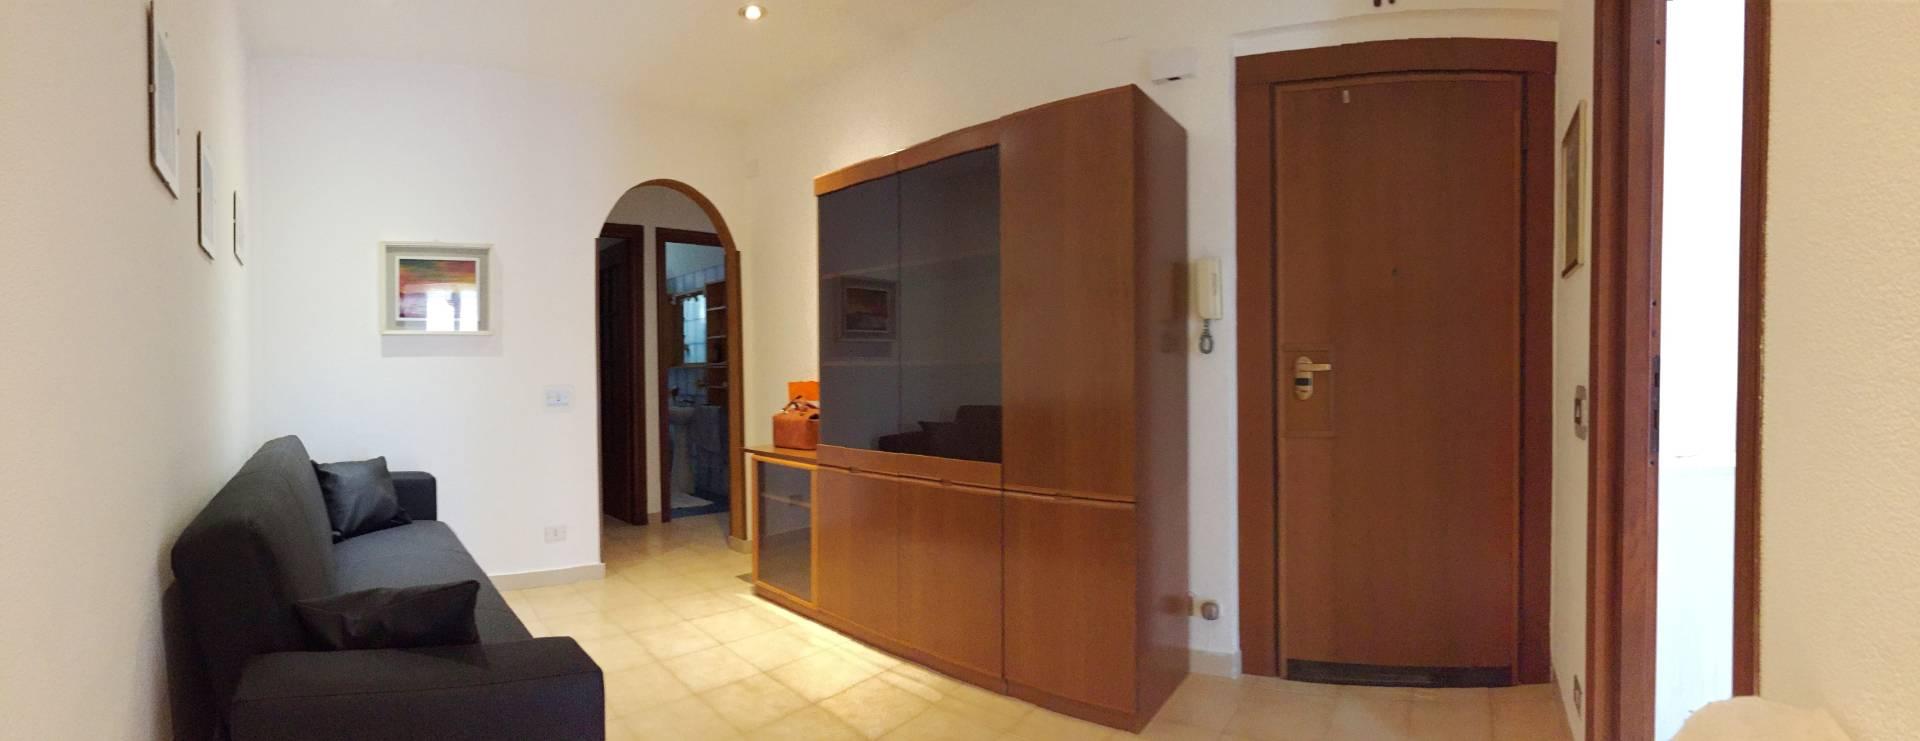 APPARTAMENTO in Affitto a Villapiana, Savona (SAVONA)